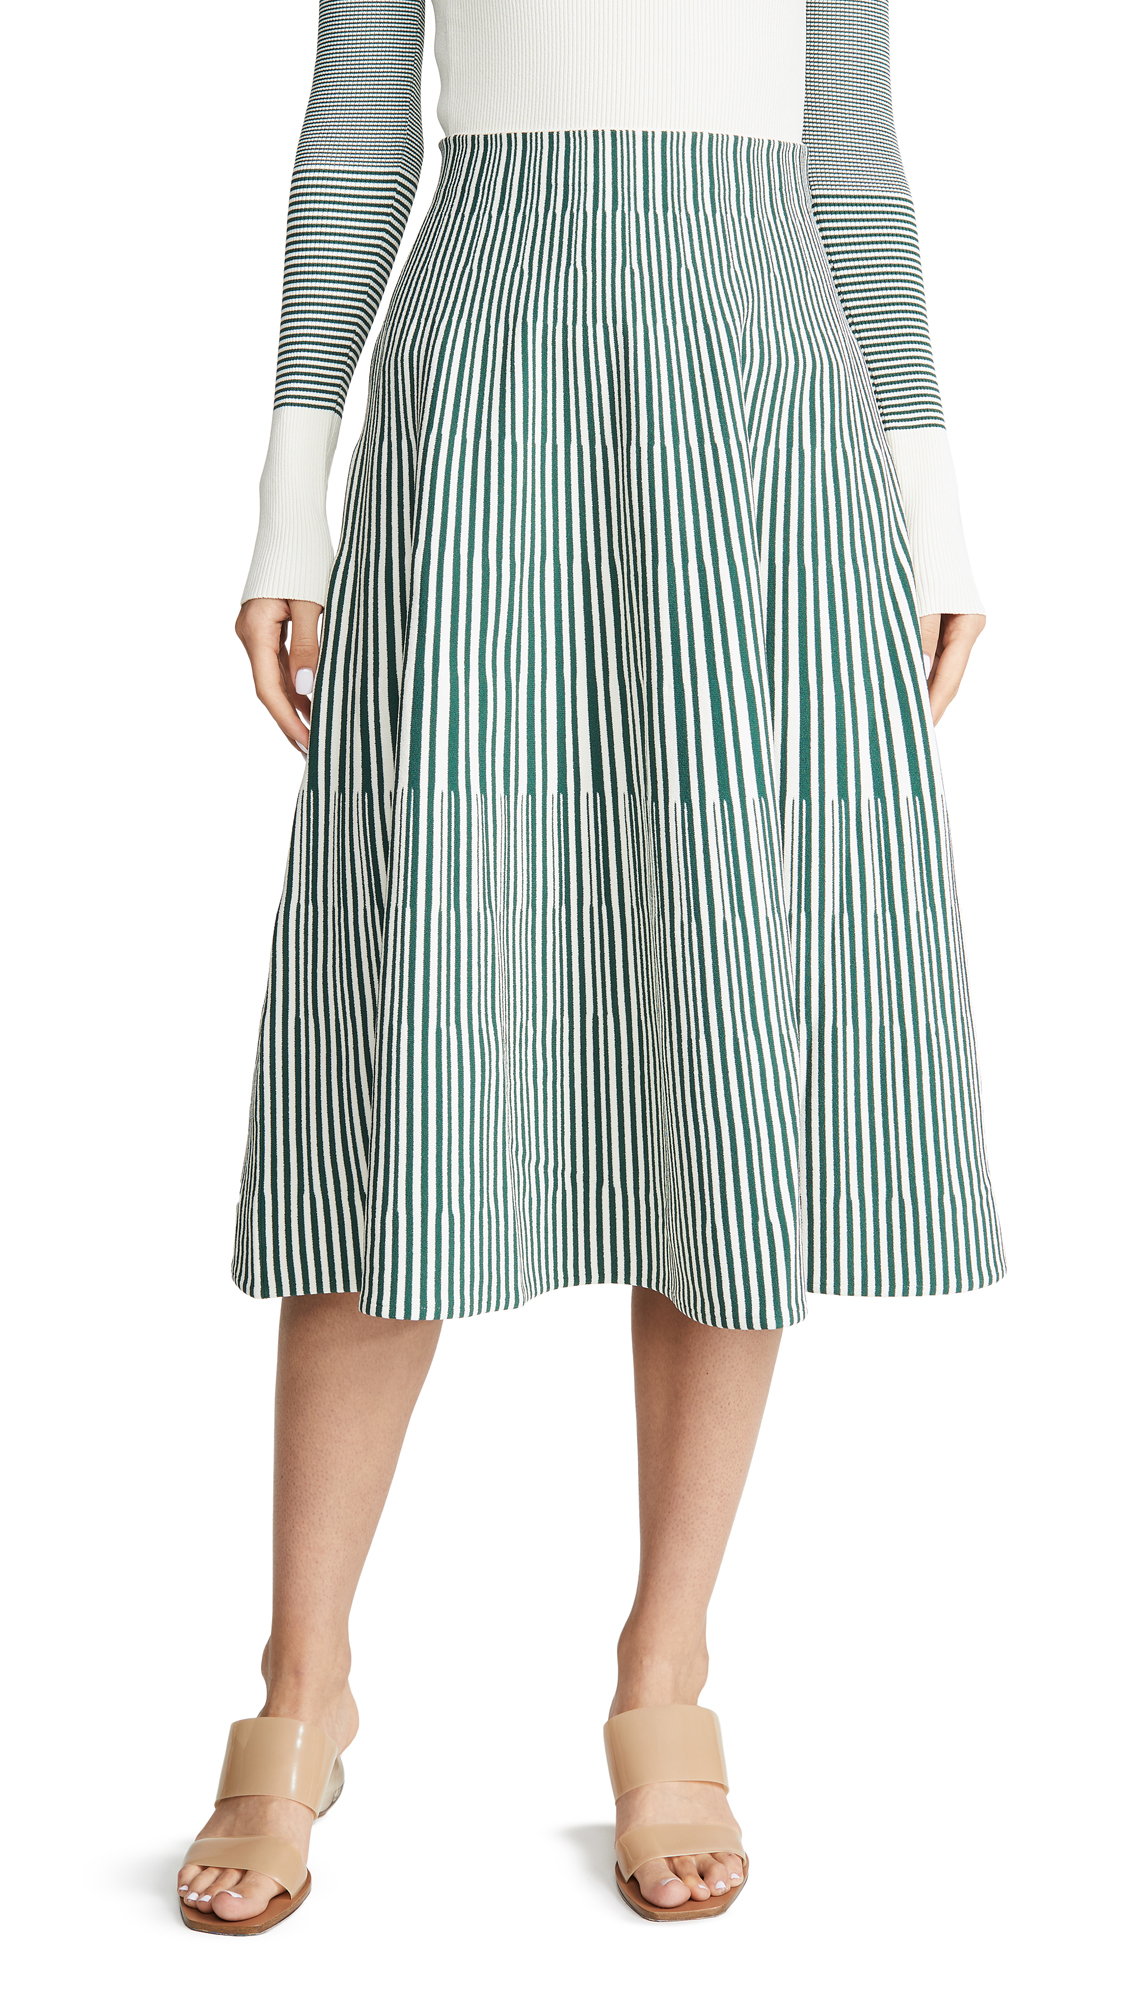 Cedric Charlier Midi Skirt - Stripe